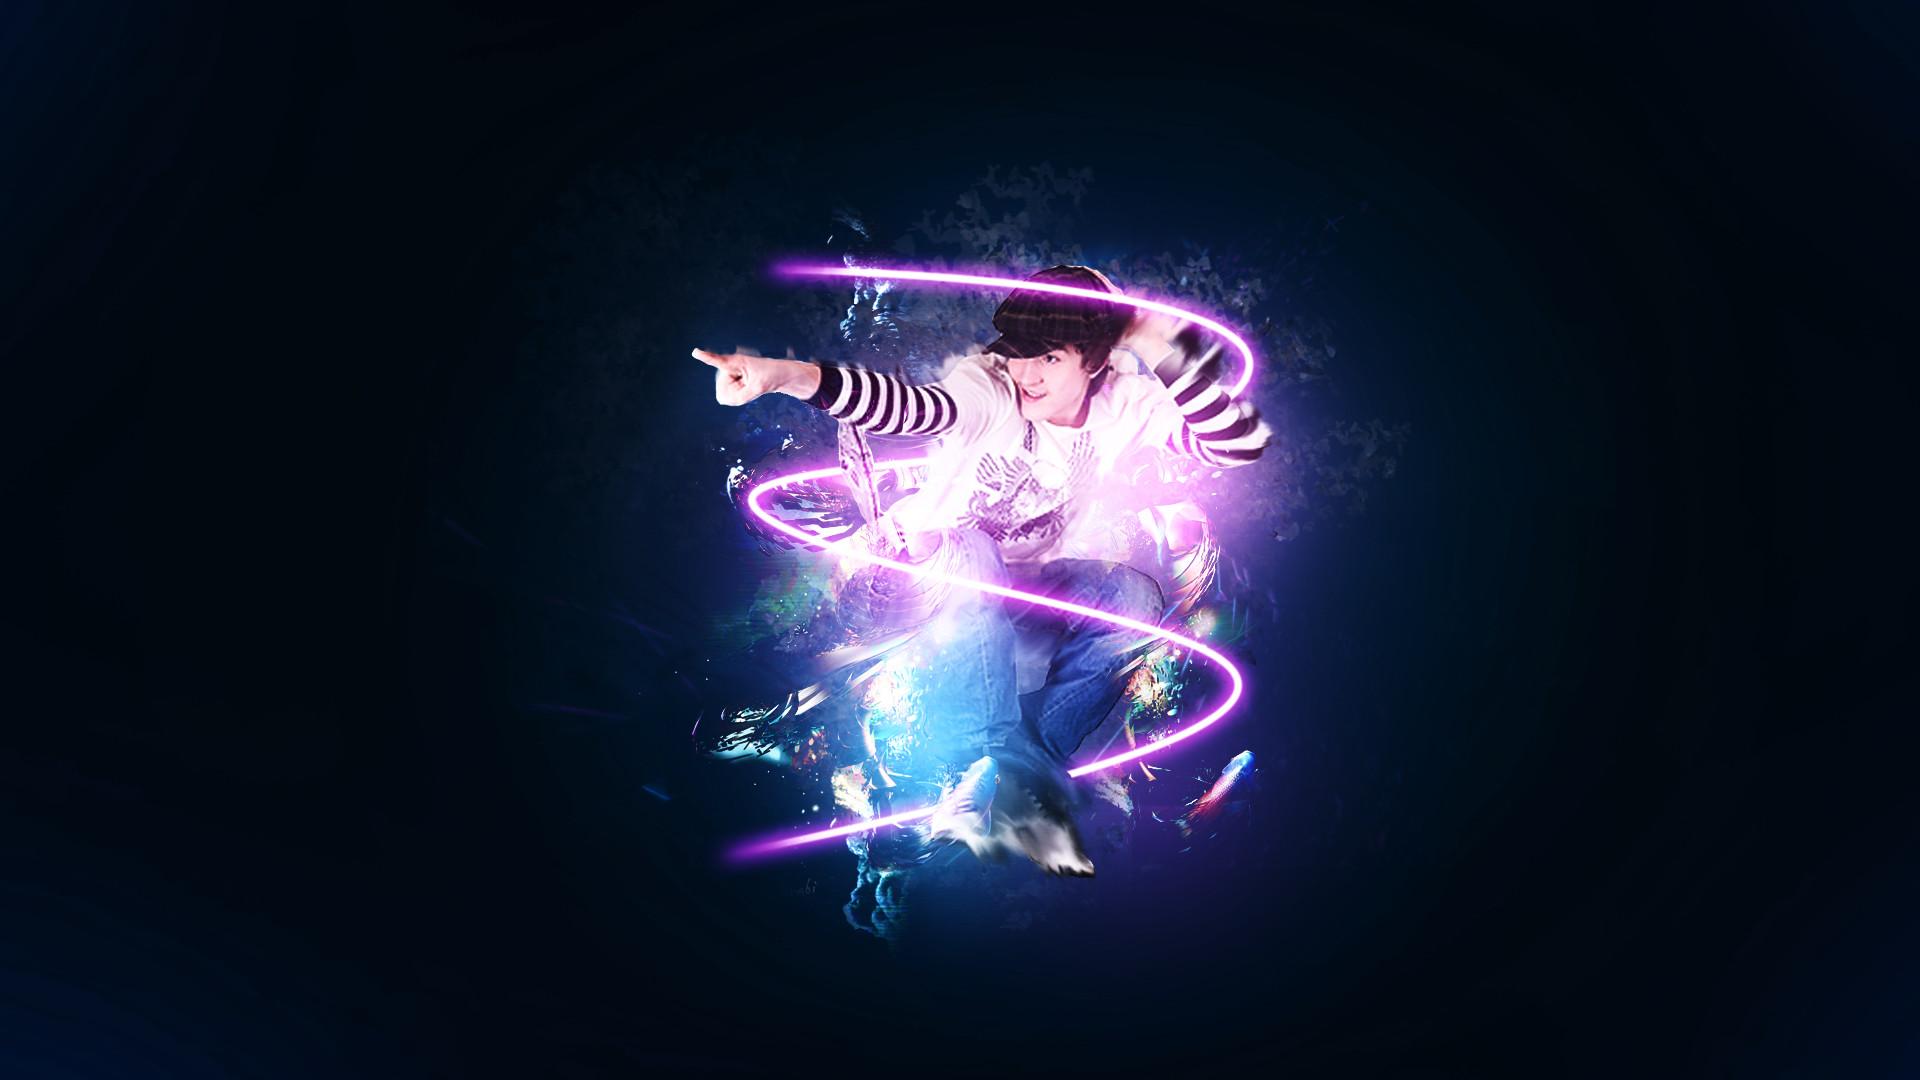 Wallpaper hip hop dancer by StylishArt94 on DeviantArt